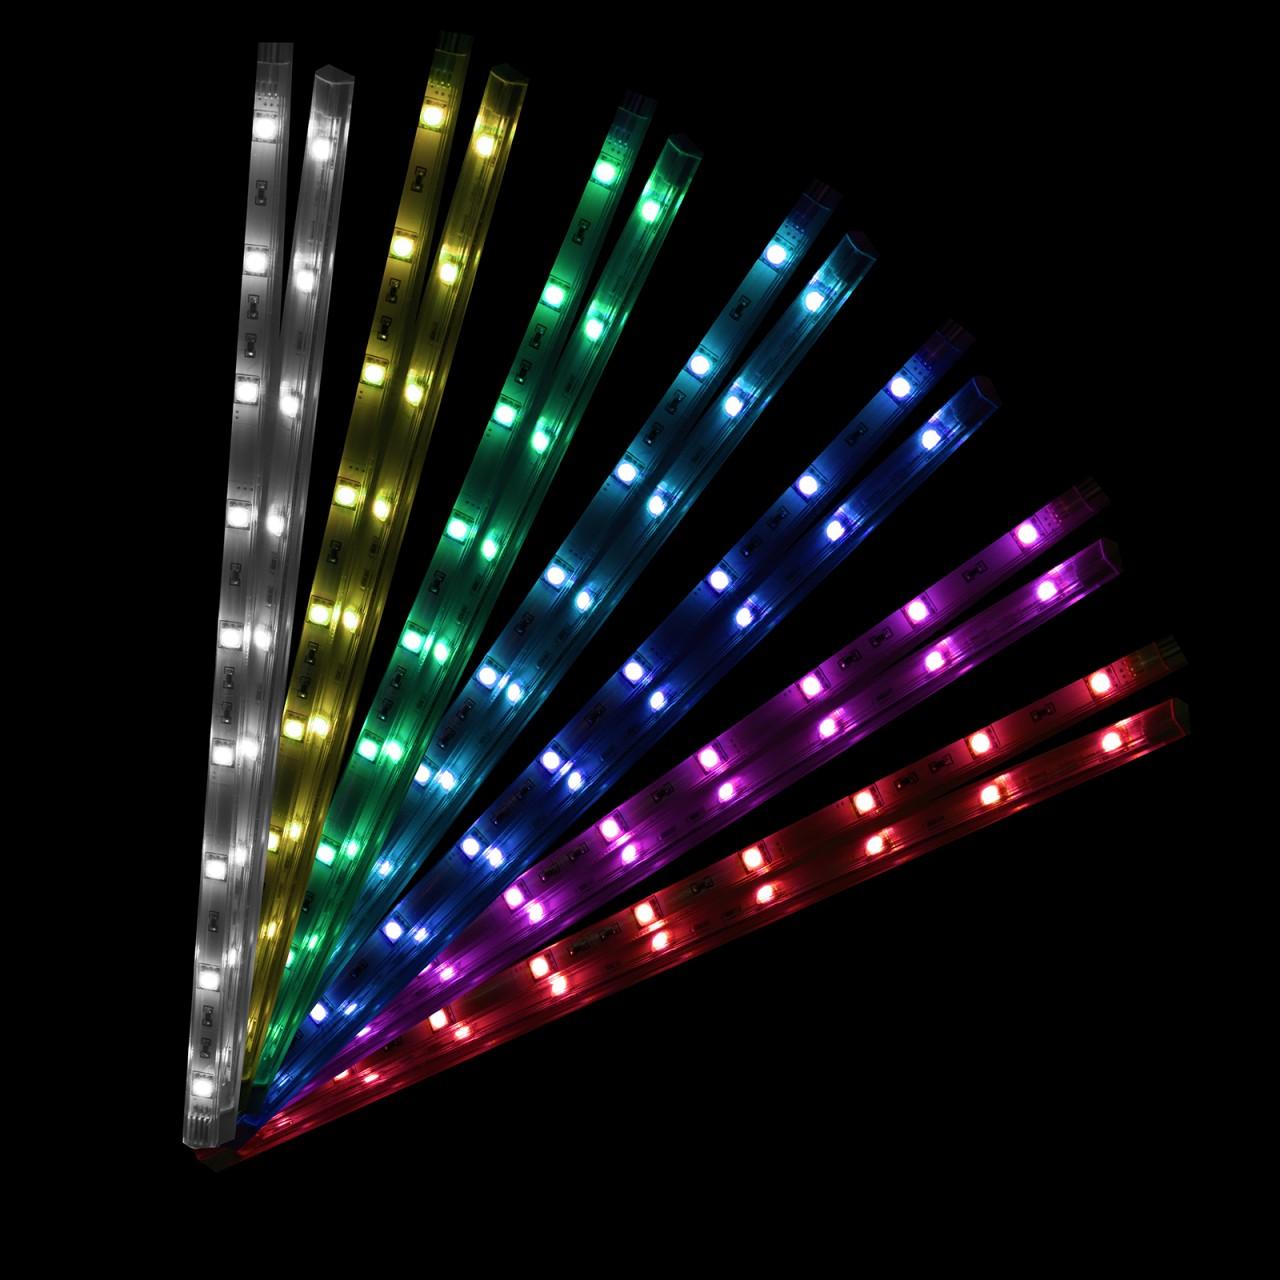 led rgb rainbow set 4 sticks rgb indirekte beleuchtung mit schalter farwechsel ebay. Black Bedroom Furniture Sets. Home Design Ideas